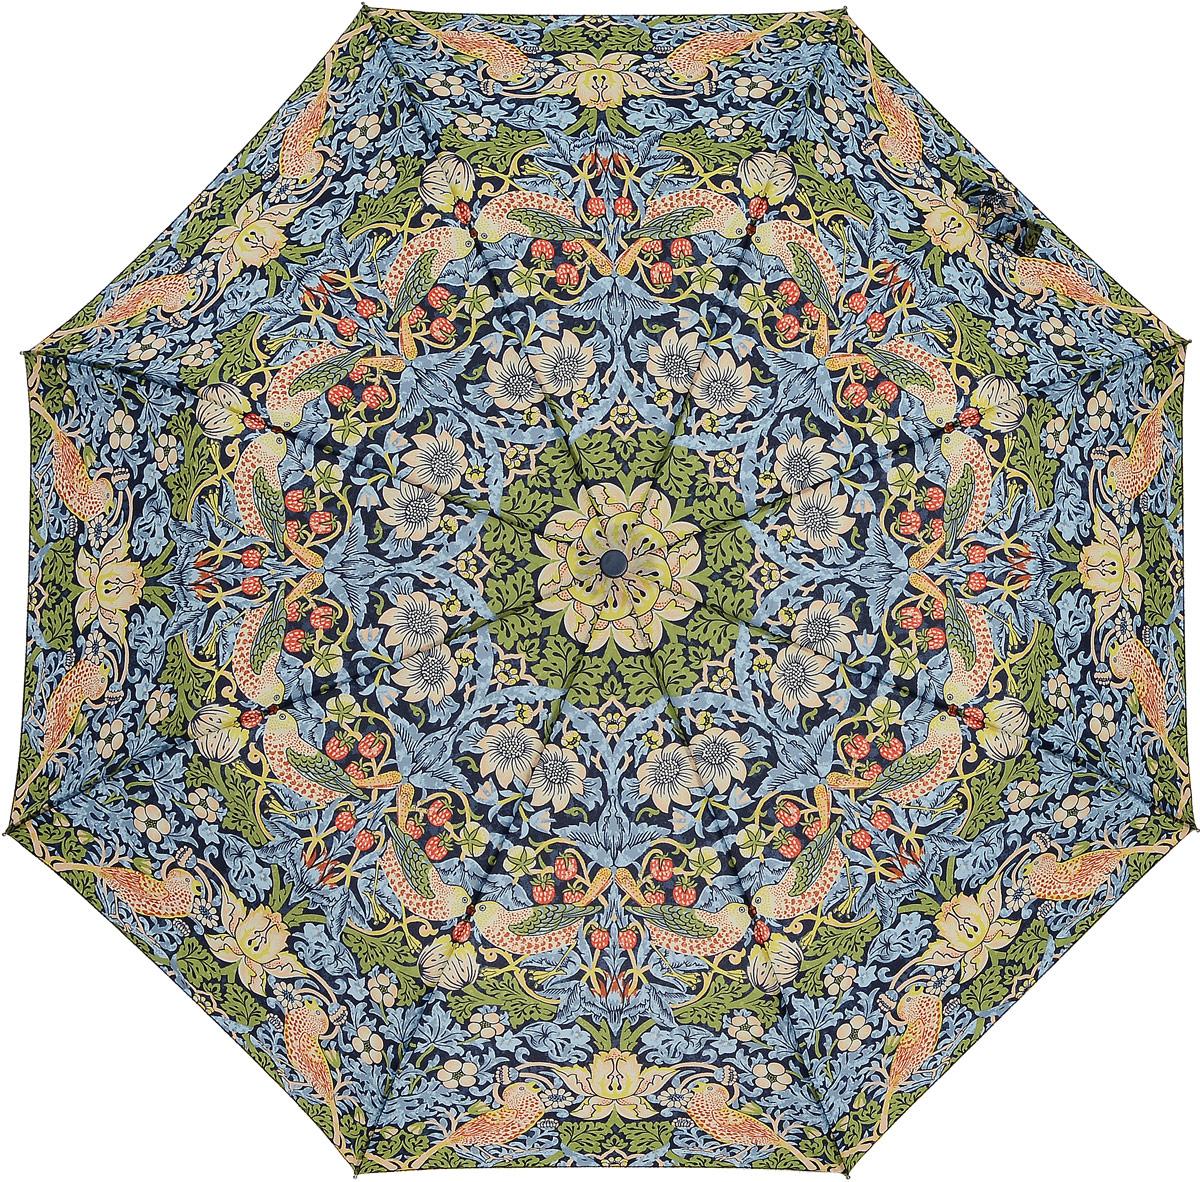 Зонт женский Morris & Co Minilite, механический, 3 сложения, цвет: мультиколор. L757-2333L757-2333 StrawberryThiefСтильный механический зонт Morris & Co Minilite в 3 сложения даже в ненастную погоду позволит вам оставаться элегантной. Облегченный каркас зонта выполнен из 8 спиц из фибергласса и алюминия, стержень также изготовлен из алюминия, удобная рукоятка - из дерева. Купол зонта выполнен из прочного полиэстера и оформлен оригинальным красочным принтом. В закрытом виде застегивается хлястиком на липучку. Зонт механического сложения: купол открывается и закрывается вручную до характерного щелчка. На рукоятке для удобства есть небольшой шнурок, позволяющий при необходимости надеть зонт на руку. К зонту прилагается чехол. Такой зонт компактно располагается в глубоком кармане, сумочке, дверке автомобиля.